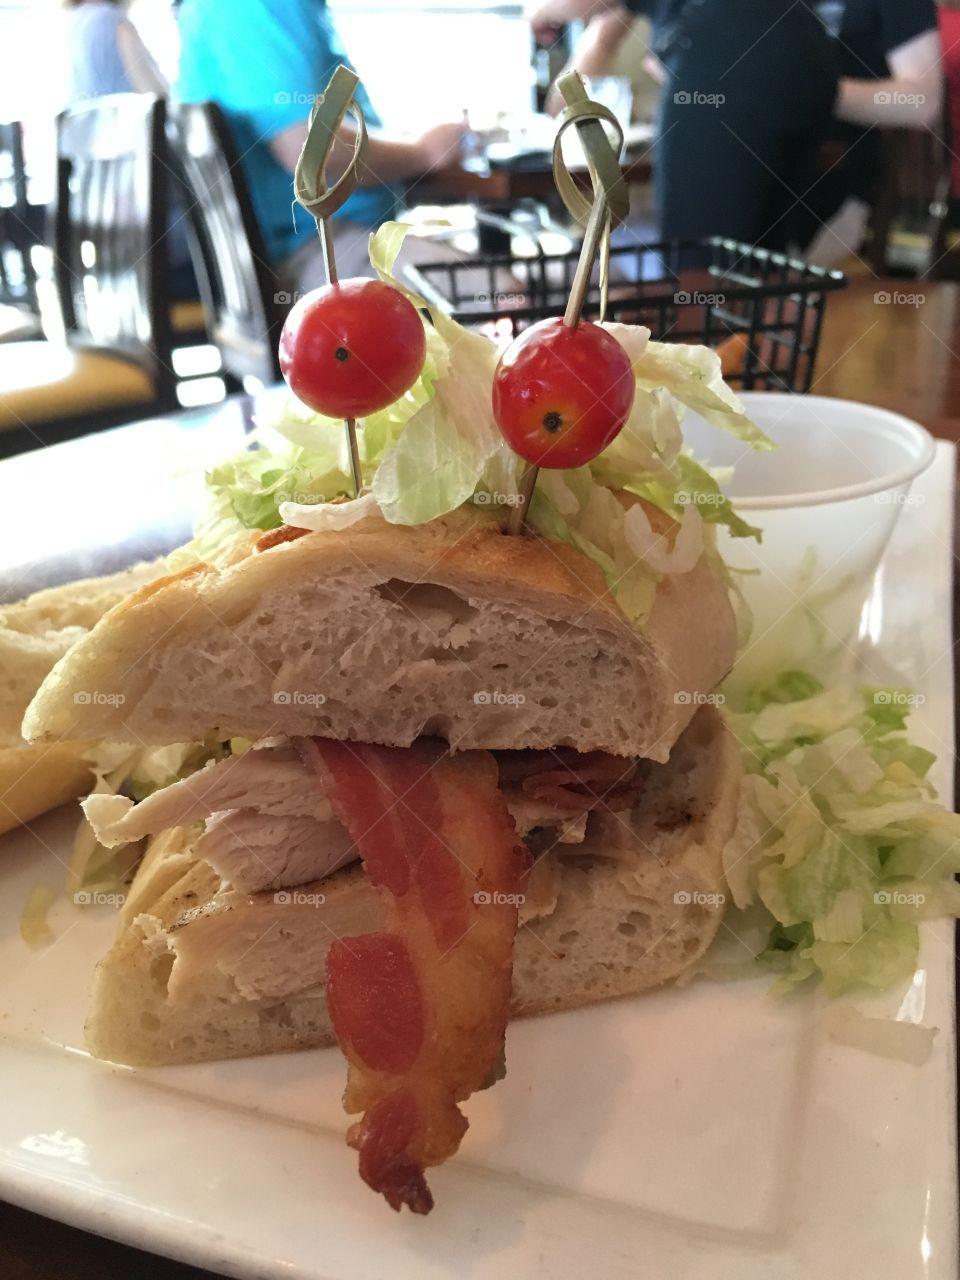 Let's eat this sandwich face